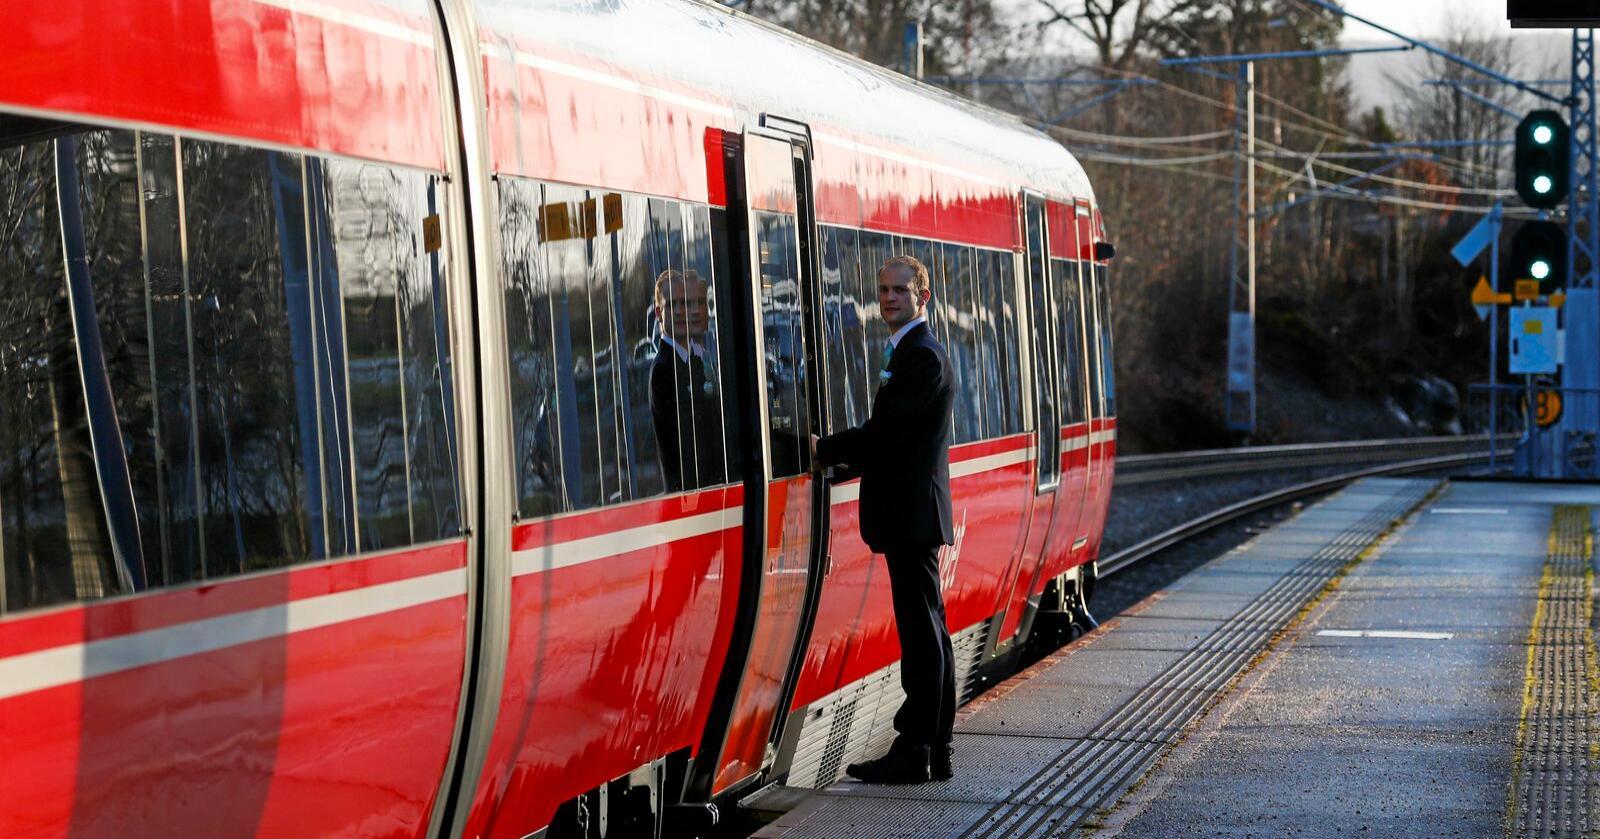 Dersom de rødgrønne partiene vinner stortingsvalget høsten 2021, stanses anbudskonkurransene på togstrekningene i Norge. Foto: Jan Kåre Ness / NTB scanpix